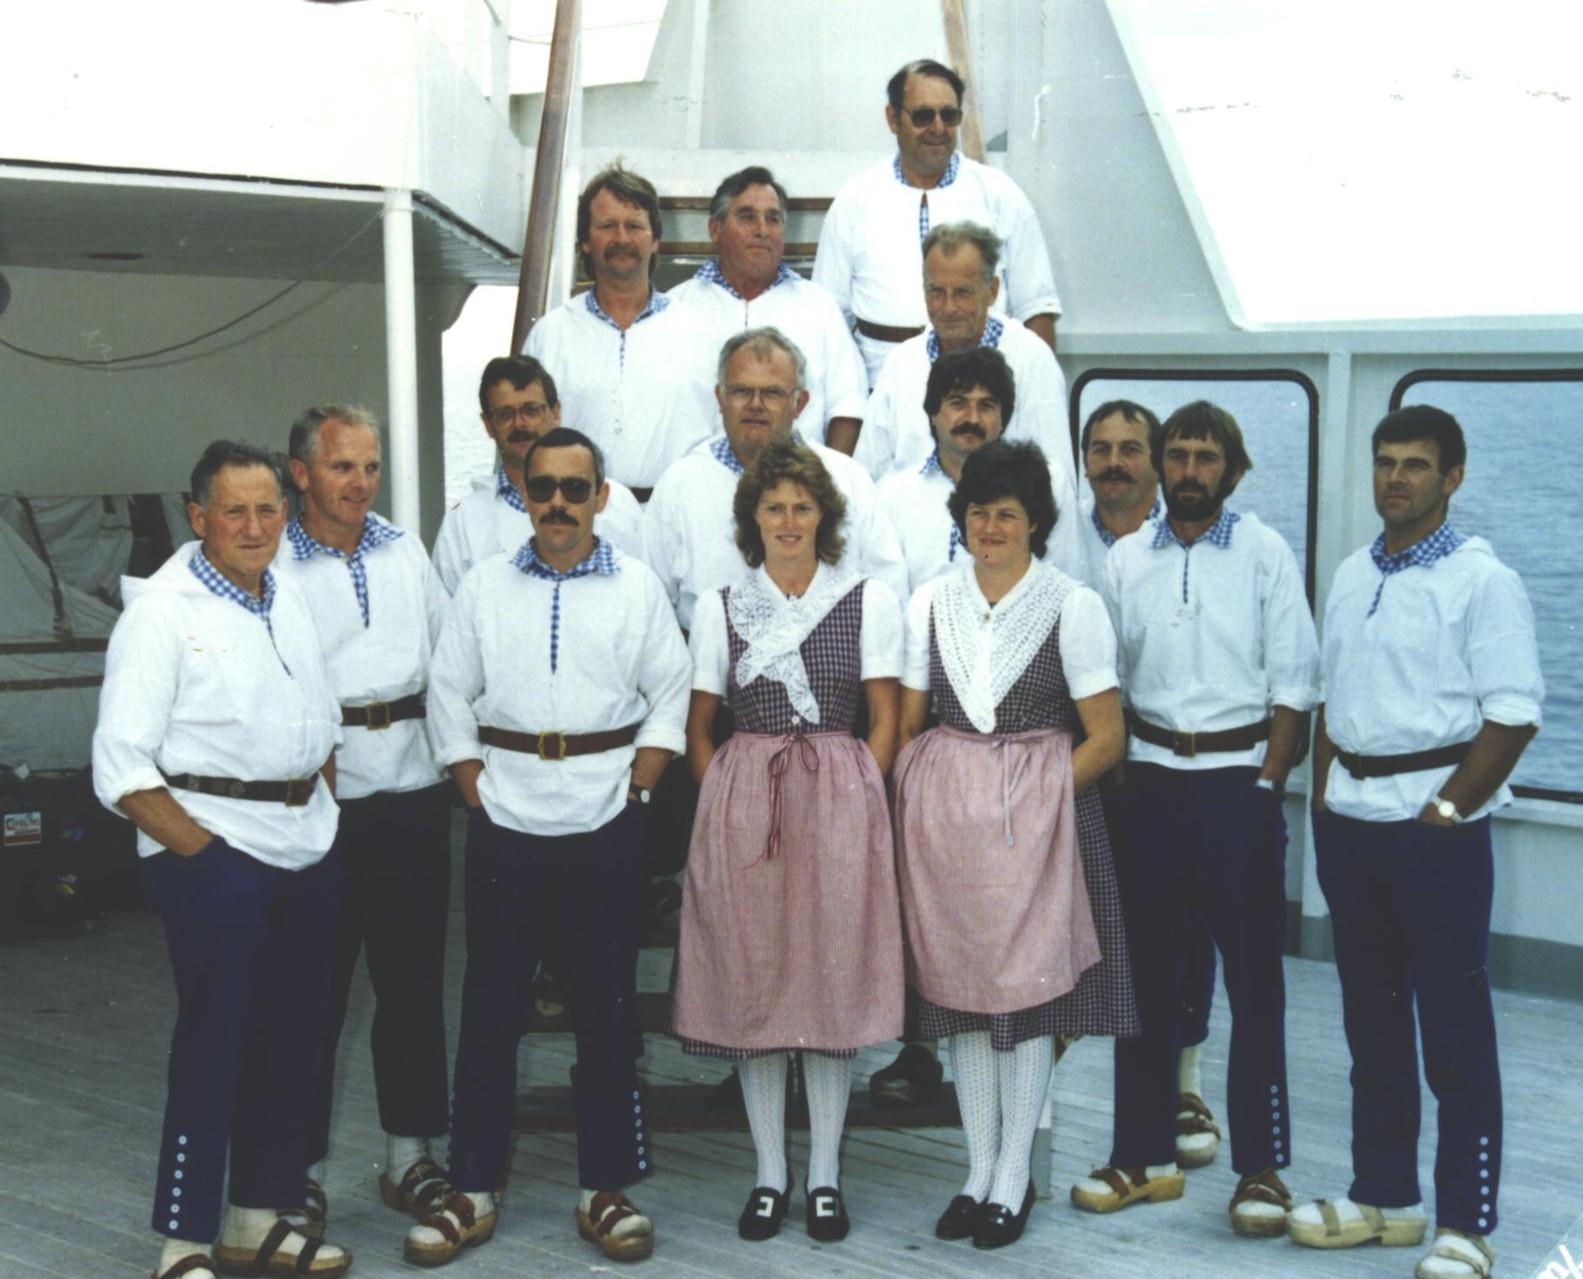 Auf der Mittelmeerkreuzfahrt 1989